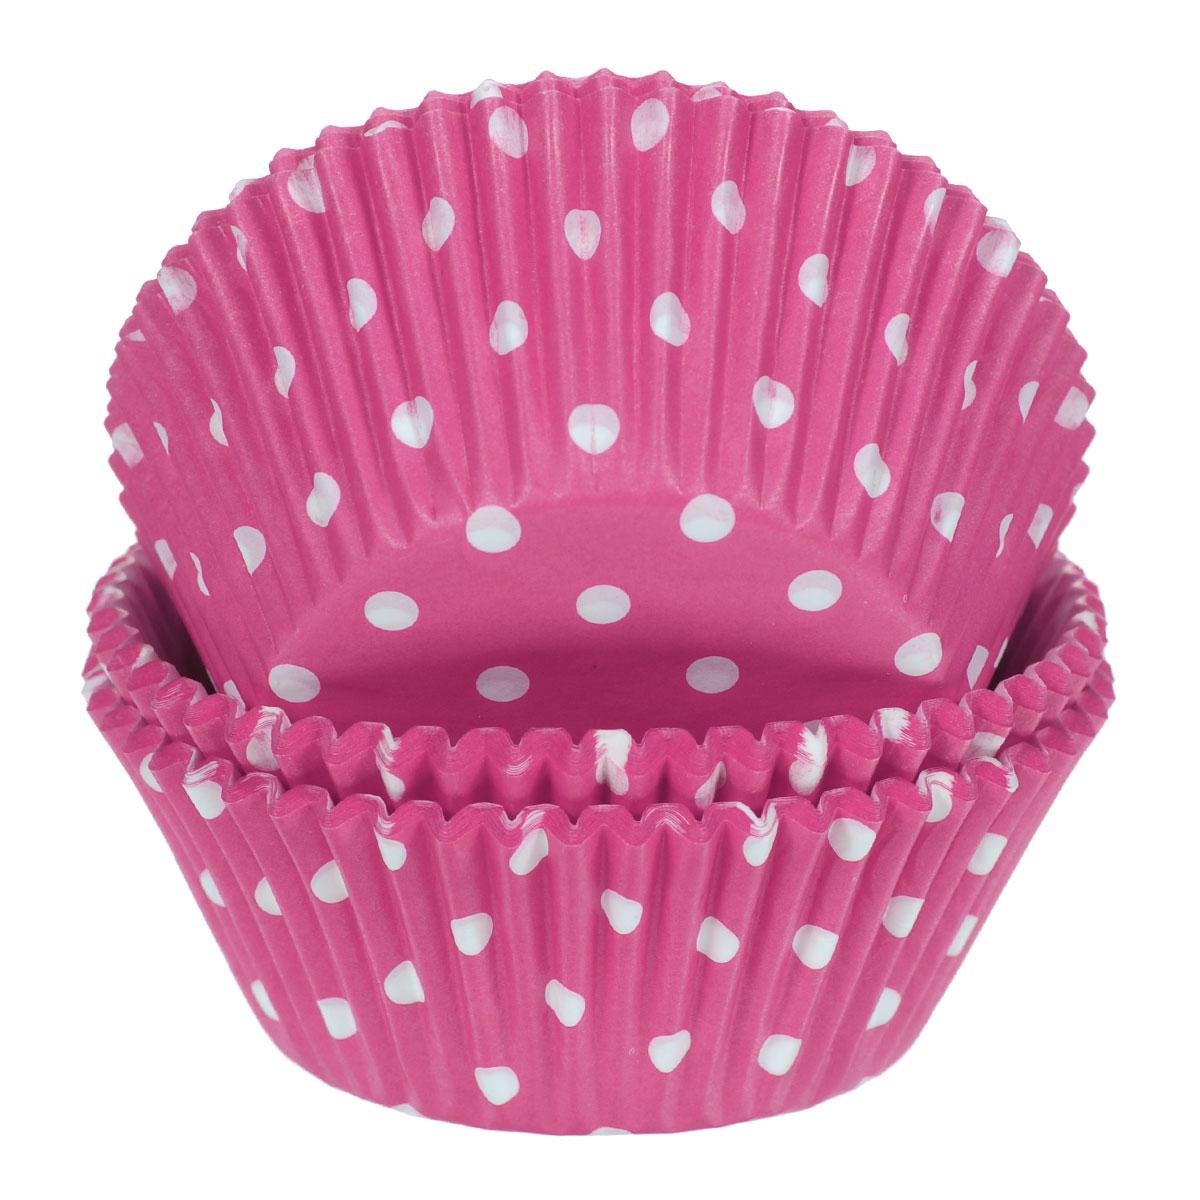 Набор бумажных форм для кексов Wilton Розовый горох, диаметр 7 см, 75 шт. WLT-415-0158